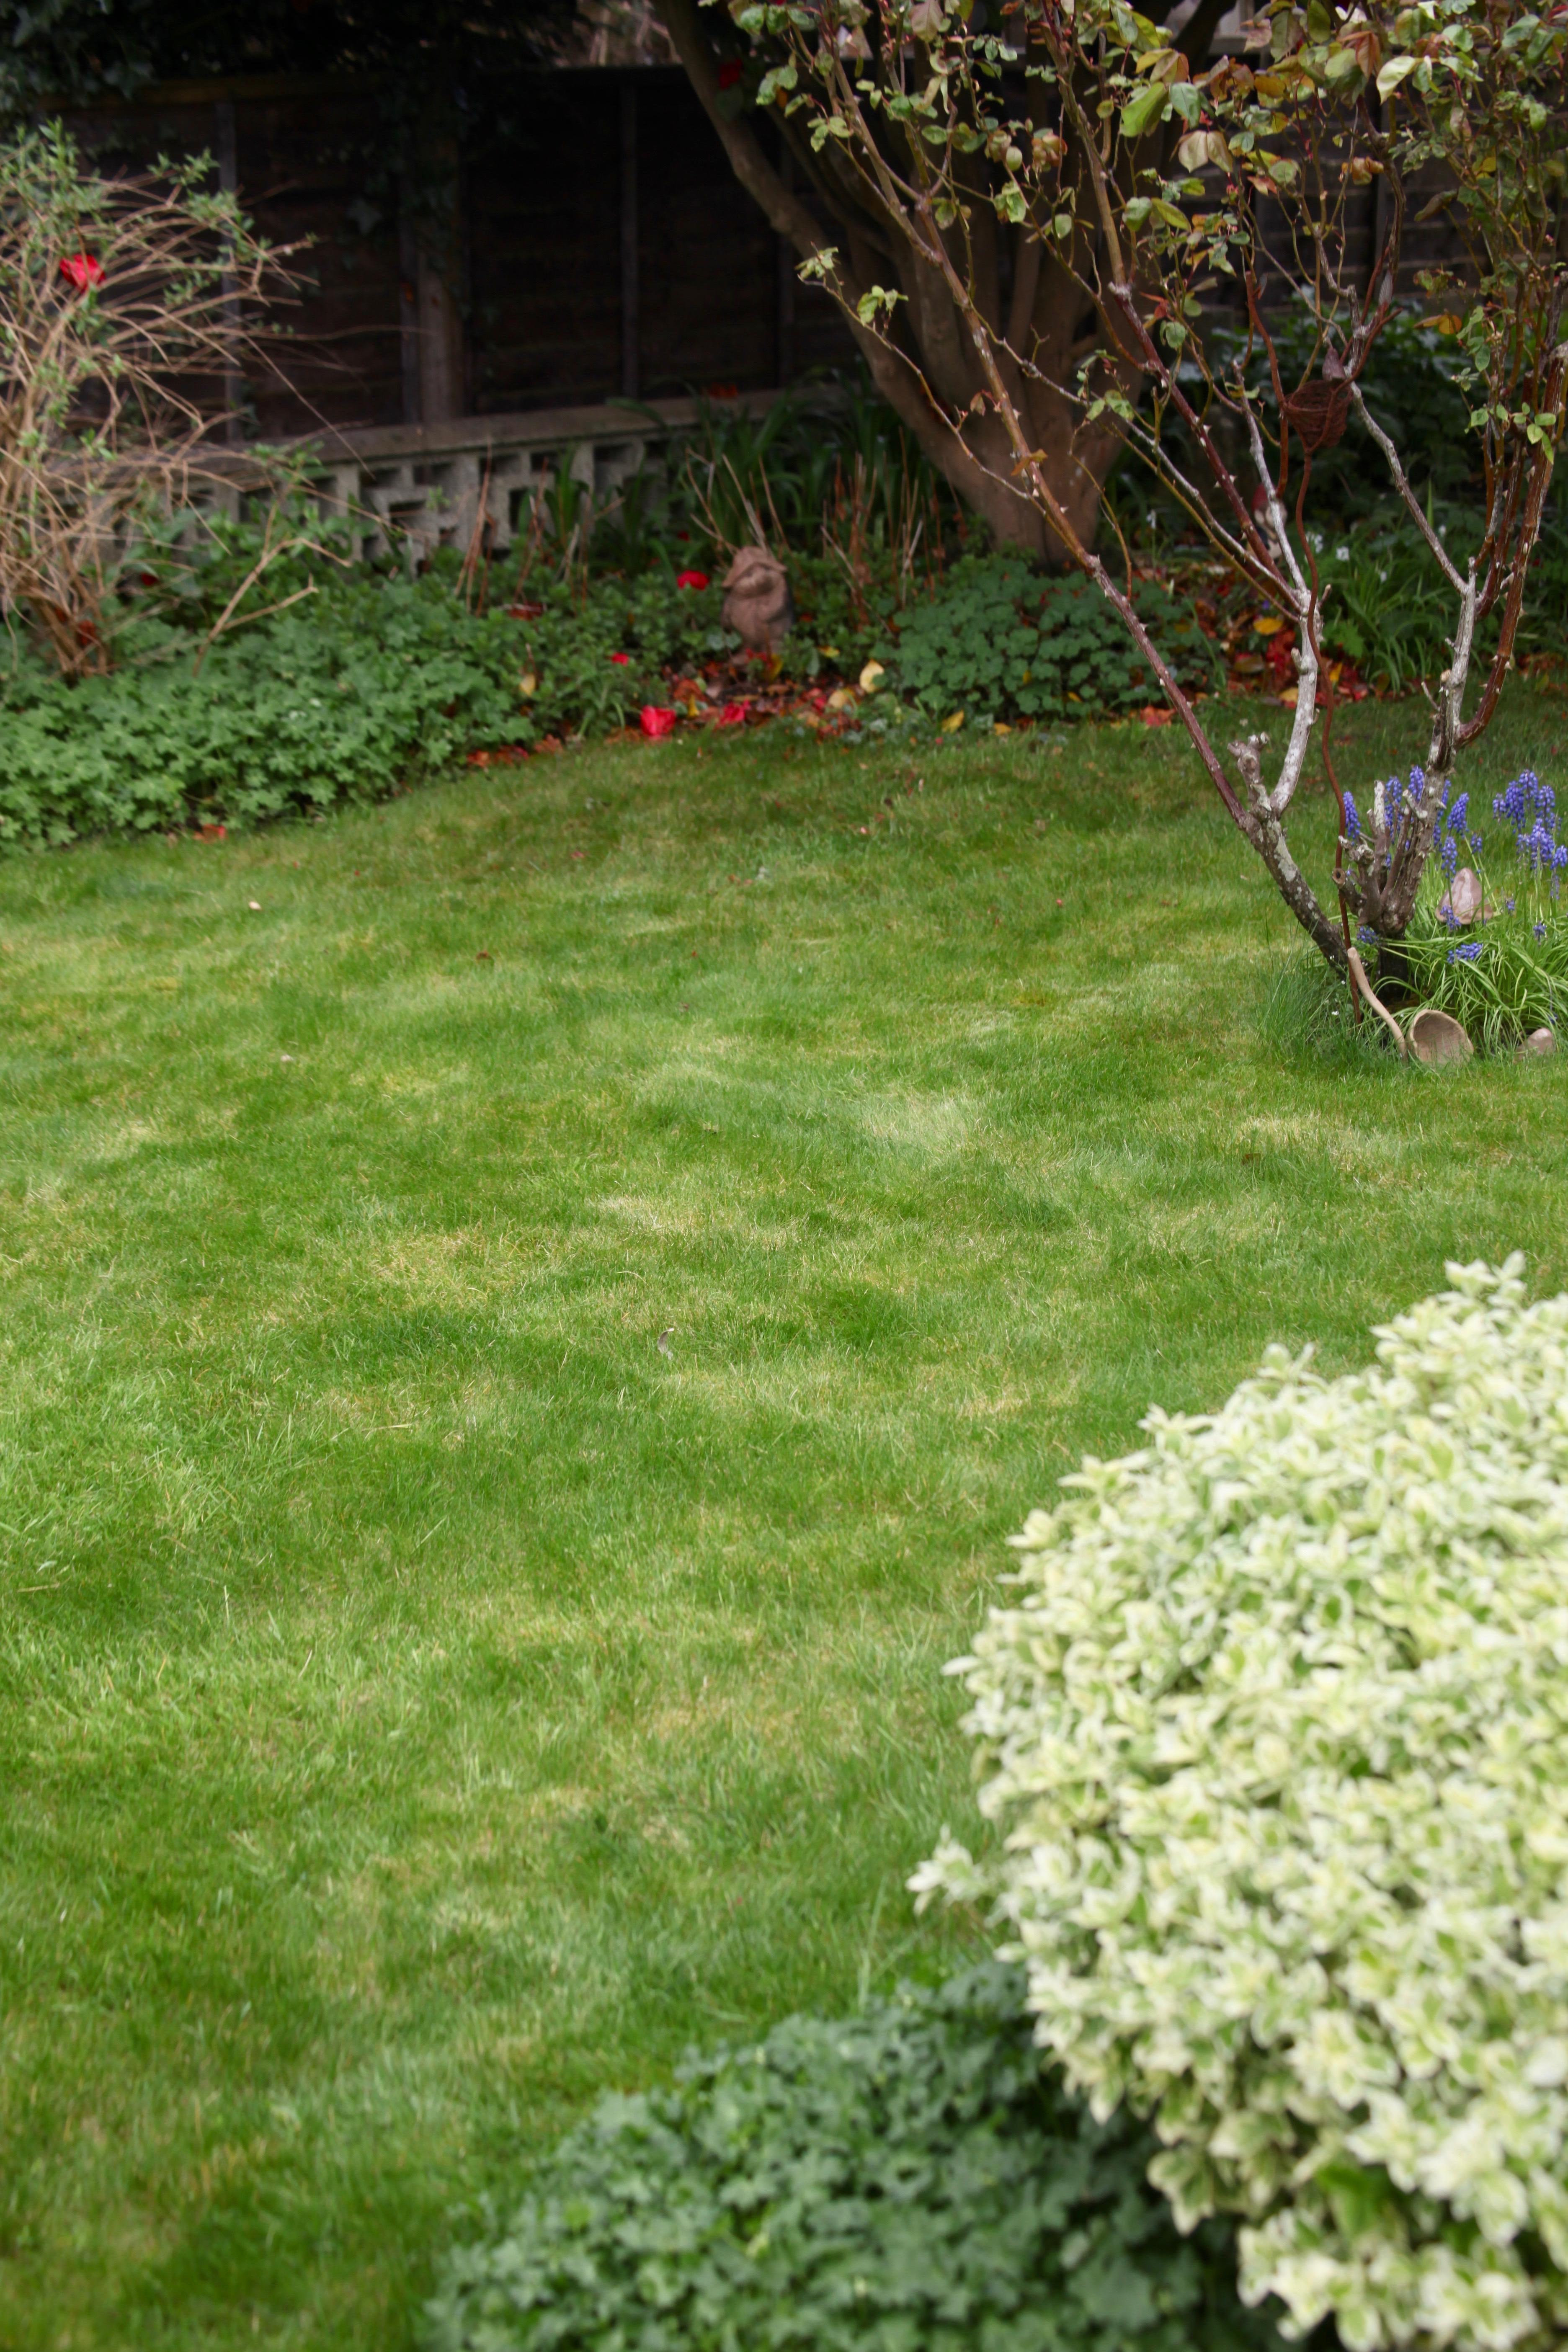 Grass mowed